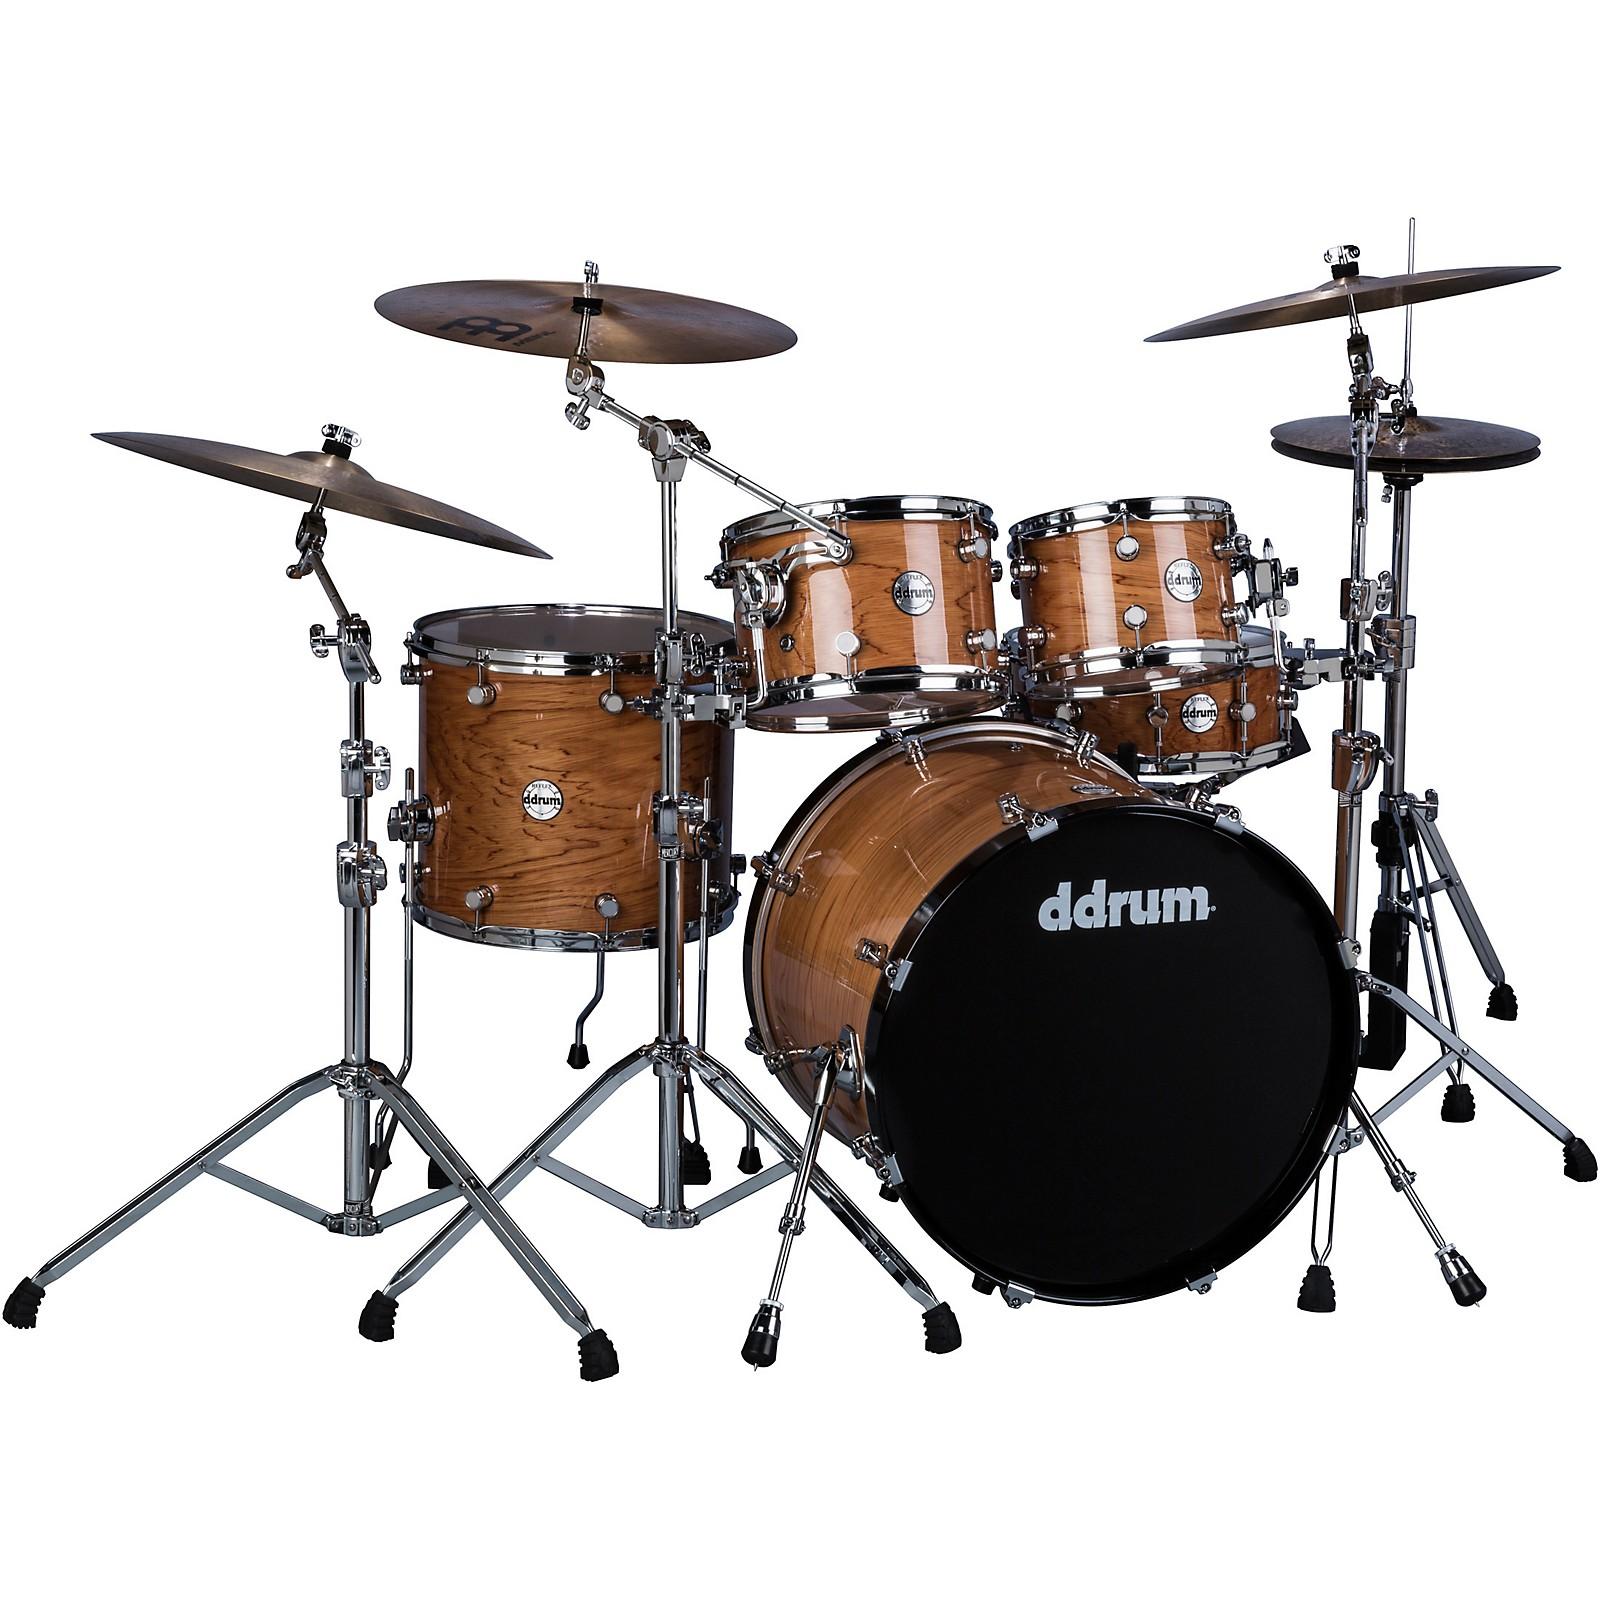 ddrum Reflex Elite 5-Piece Drum Shell Pack